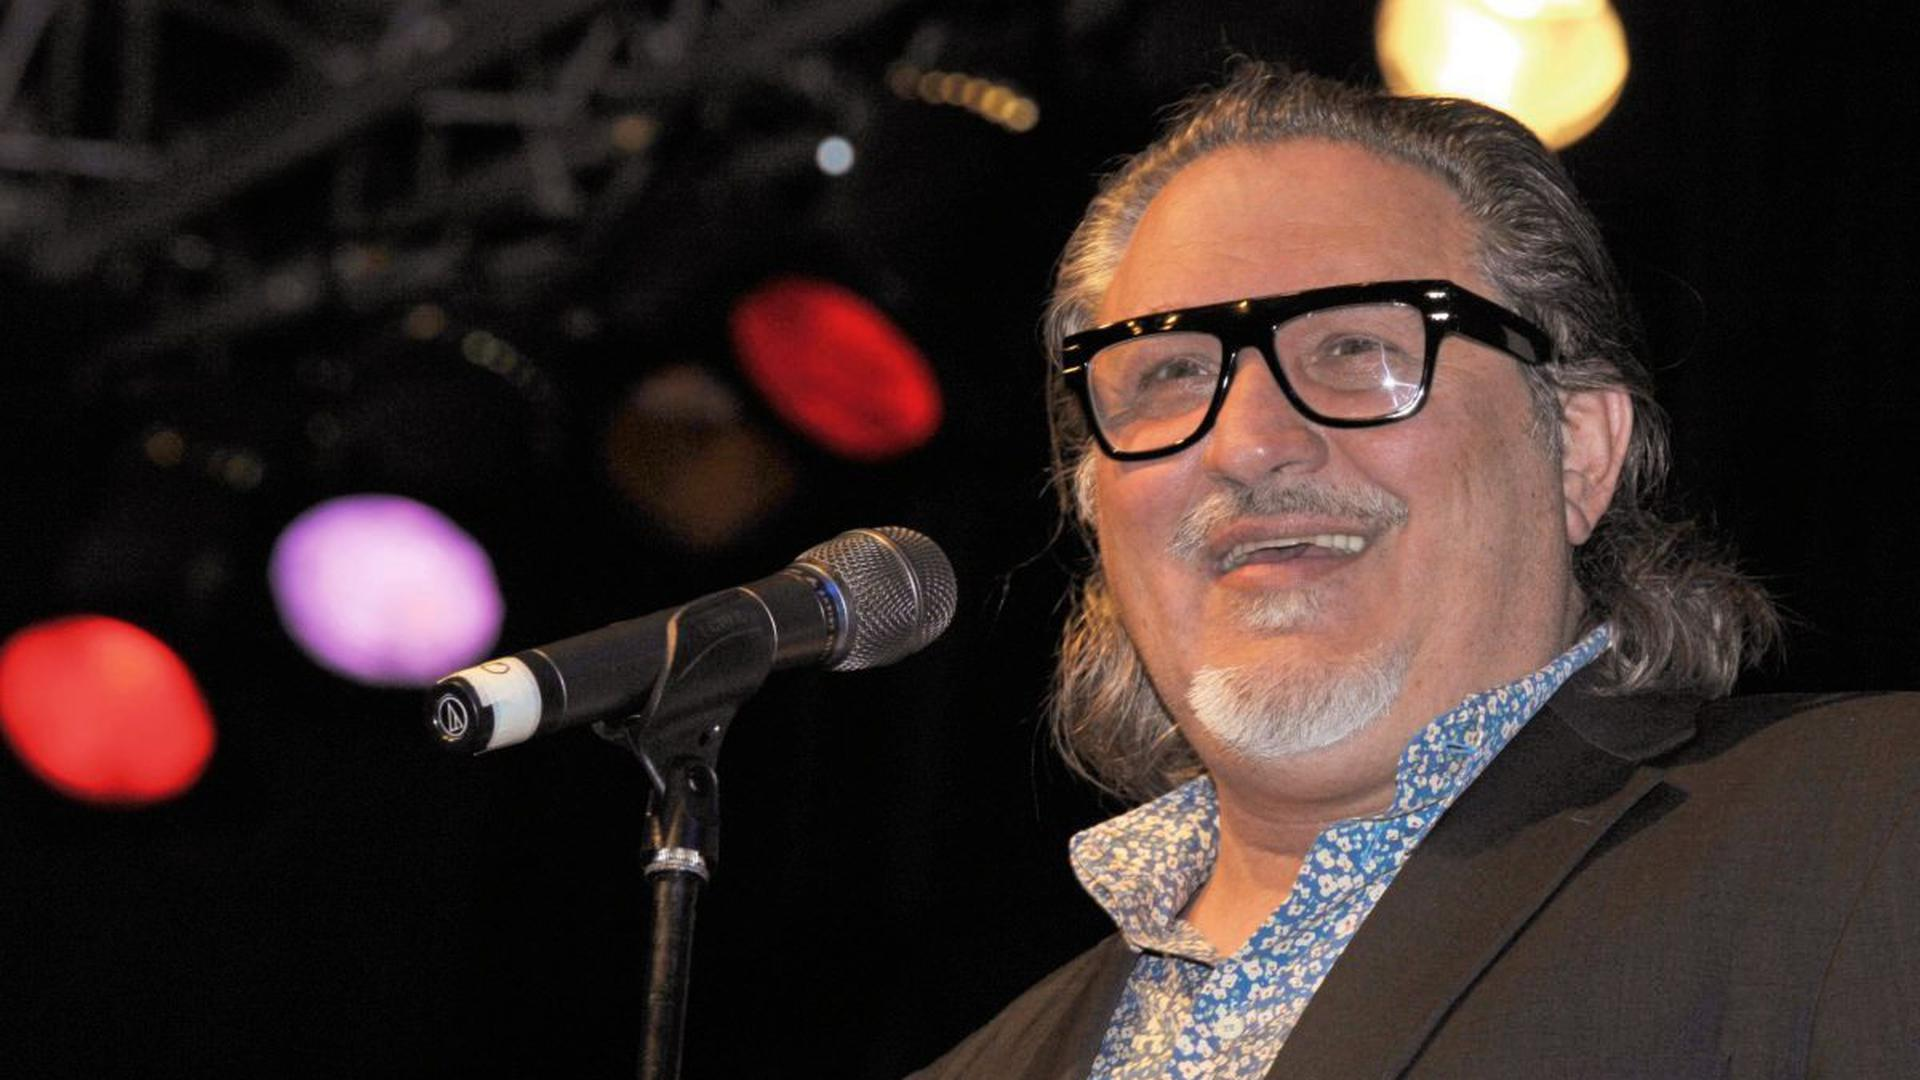 Der Musiker, Sänger und Produzent Edo Zanki starb am 1. September 2019 im Alter von 66 Jahren an den Folgen einer kurzen und schweren Krankheit gestorben.